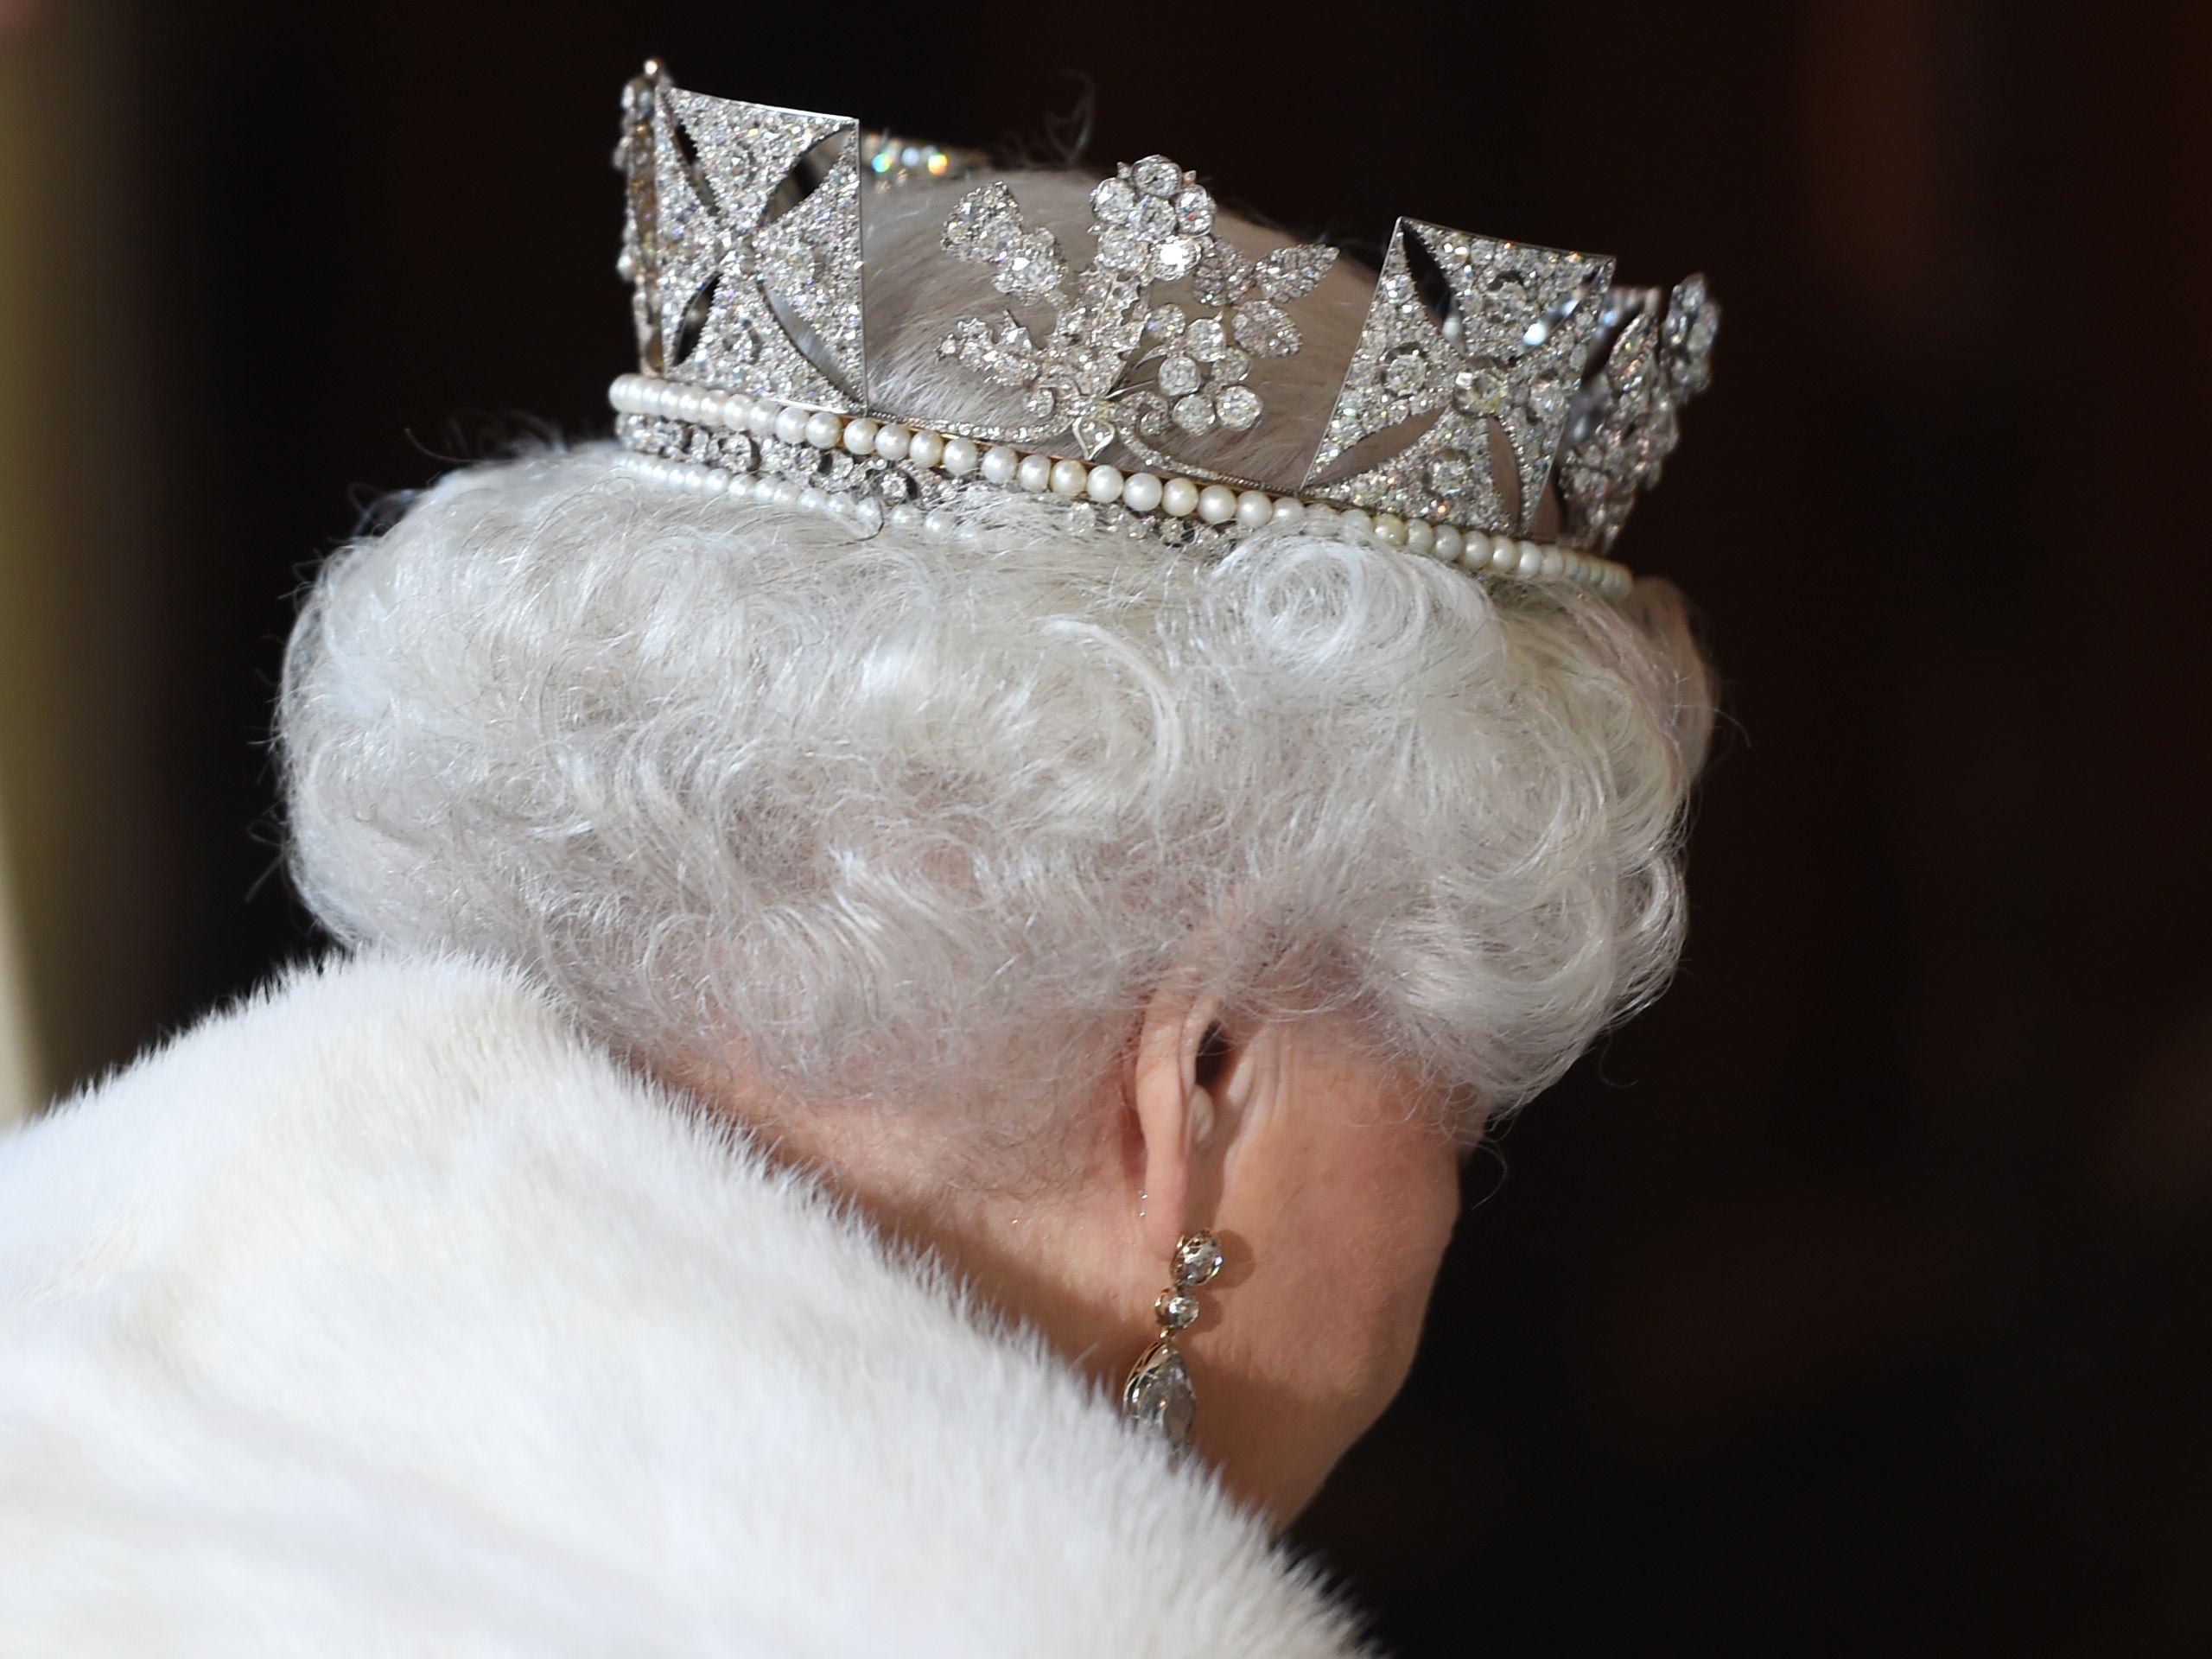 90 ans d'Elizabeth II : la Reine et ses confrères sont-ils la meilleure des armes anti-populisme ?